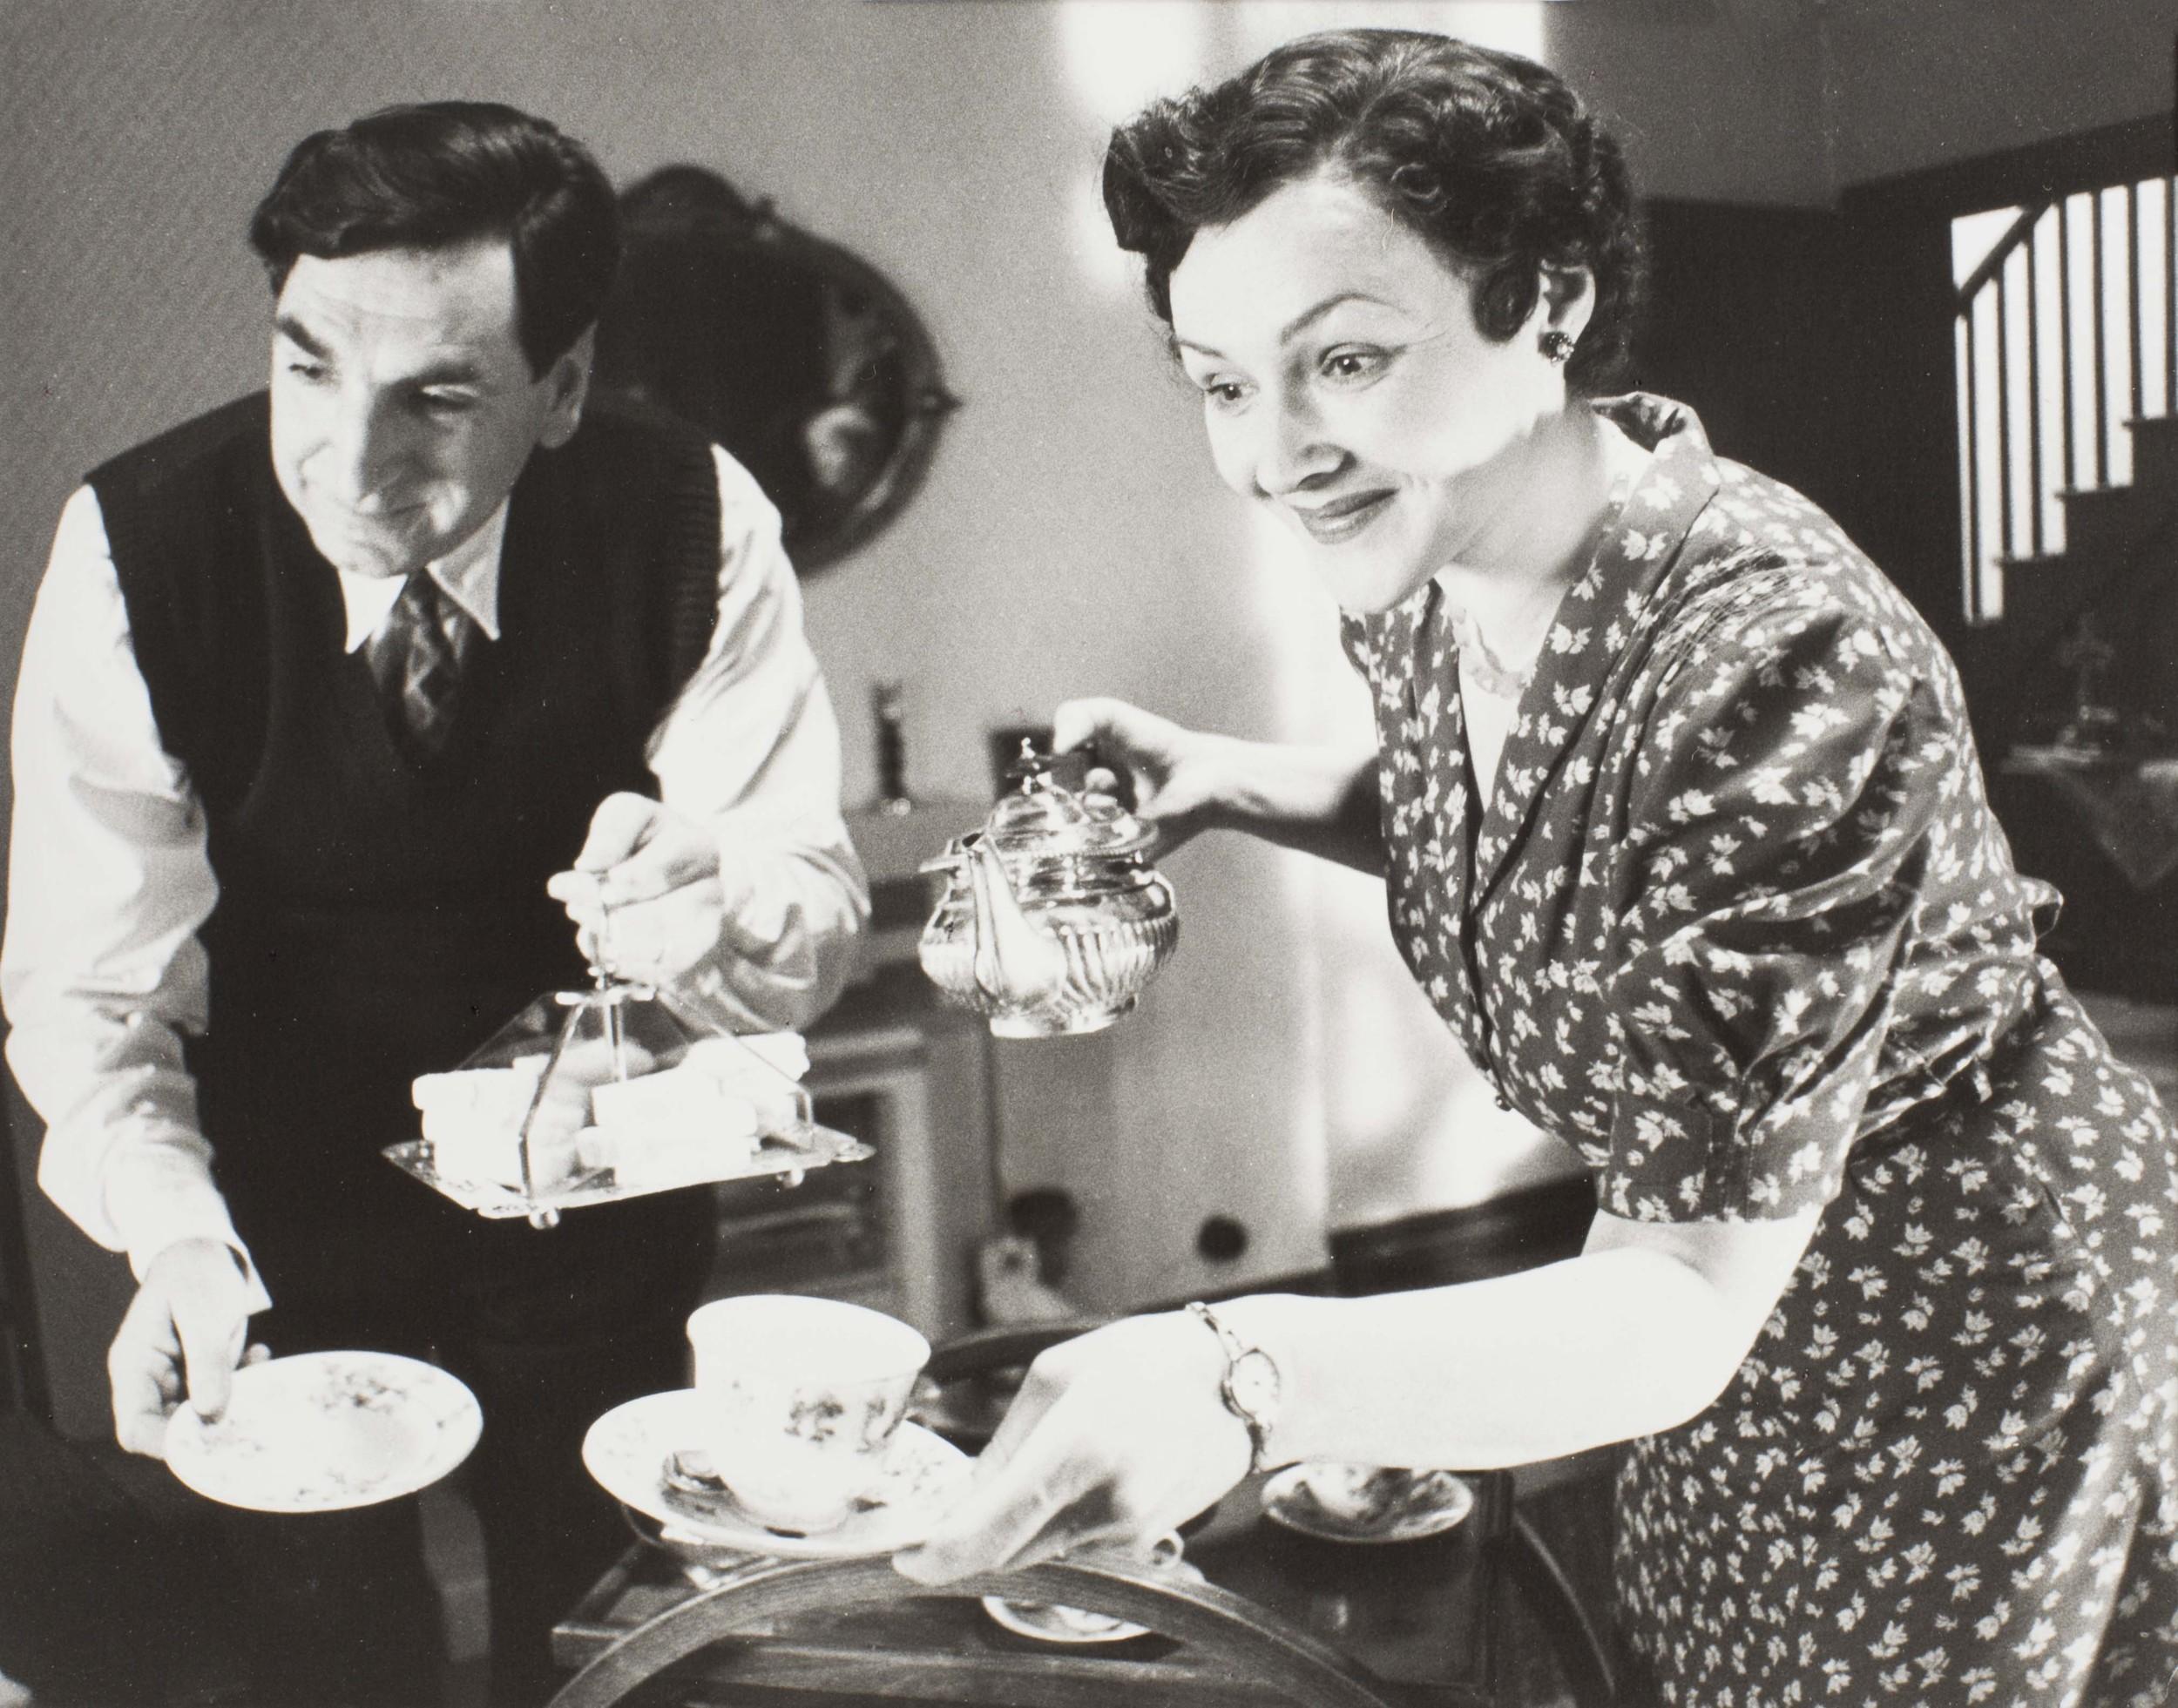 Jim Carter and Frances Barber